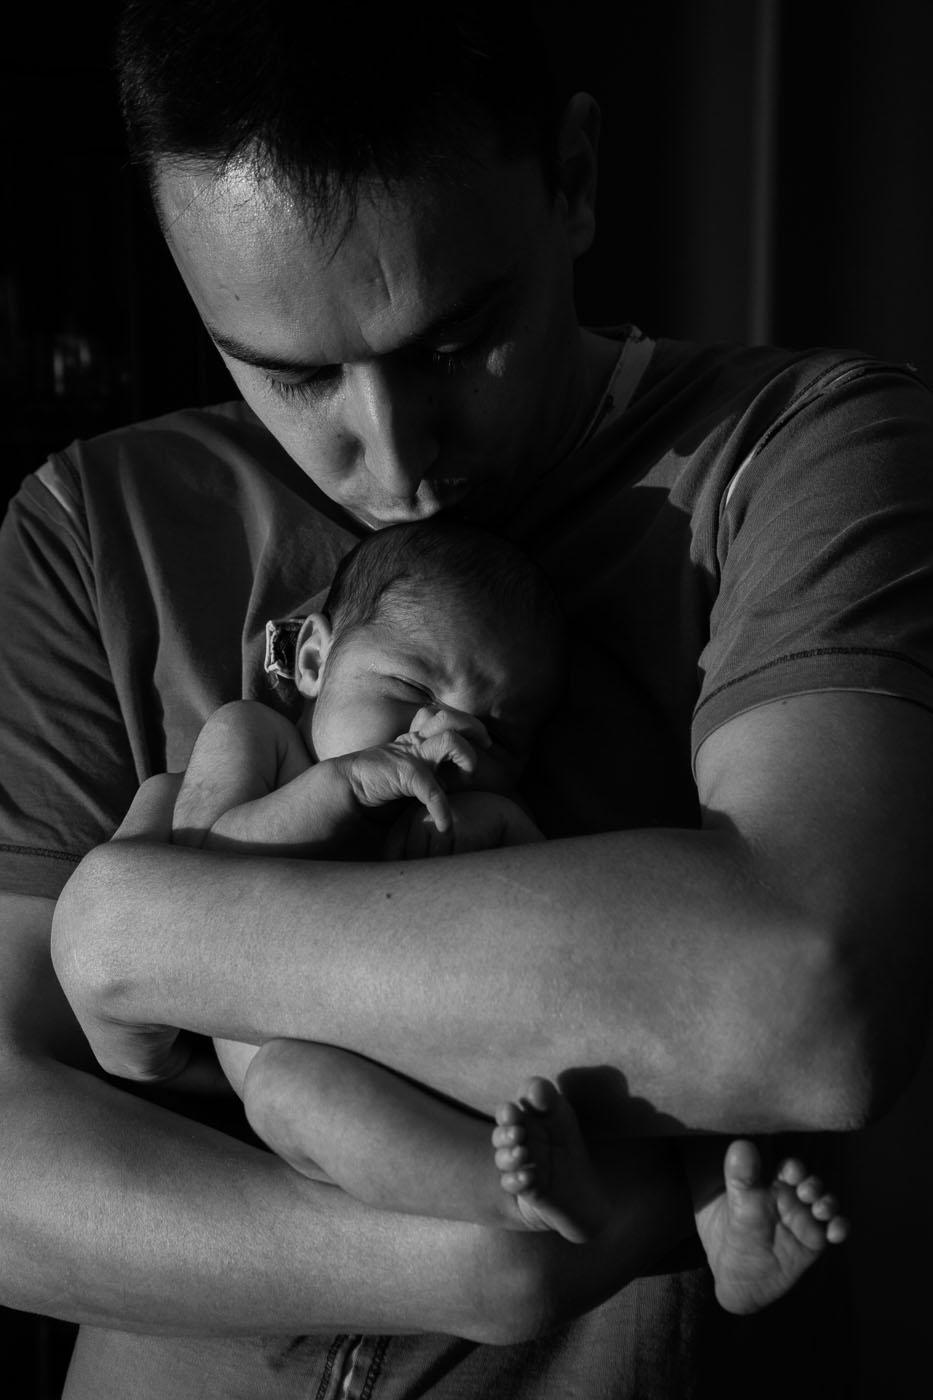 kidsfoto.es Fotografía de bebe, con cariño.- Valeria